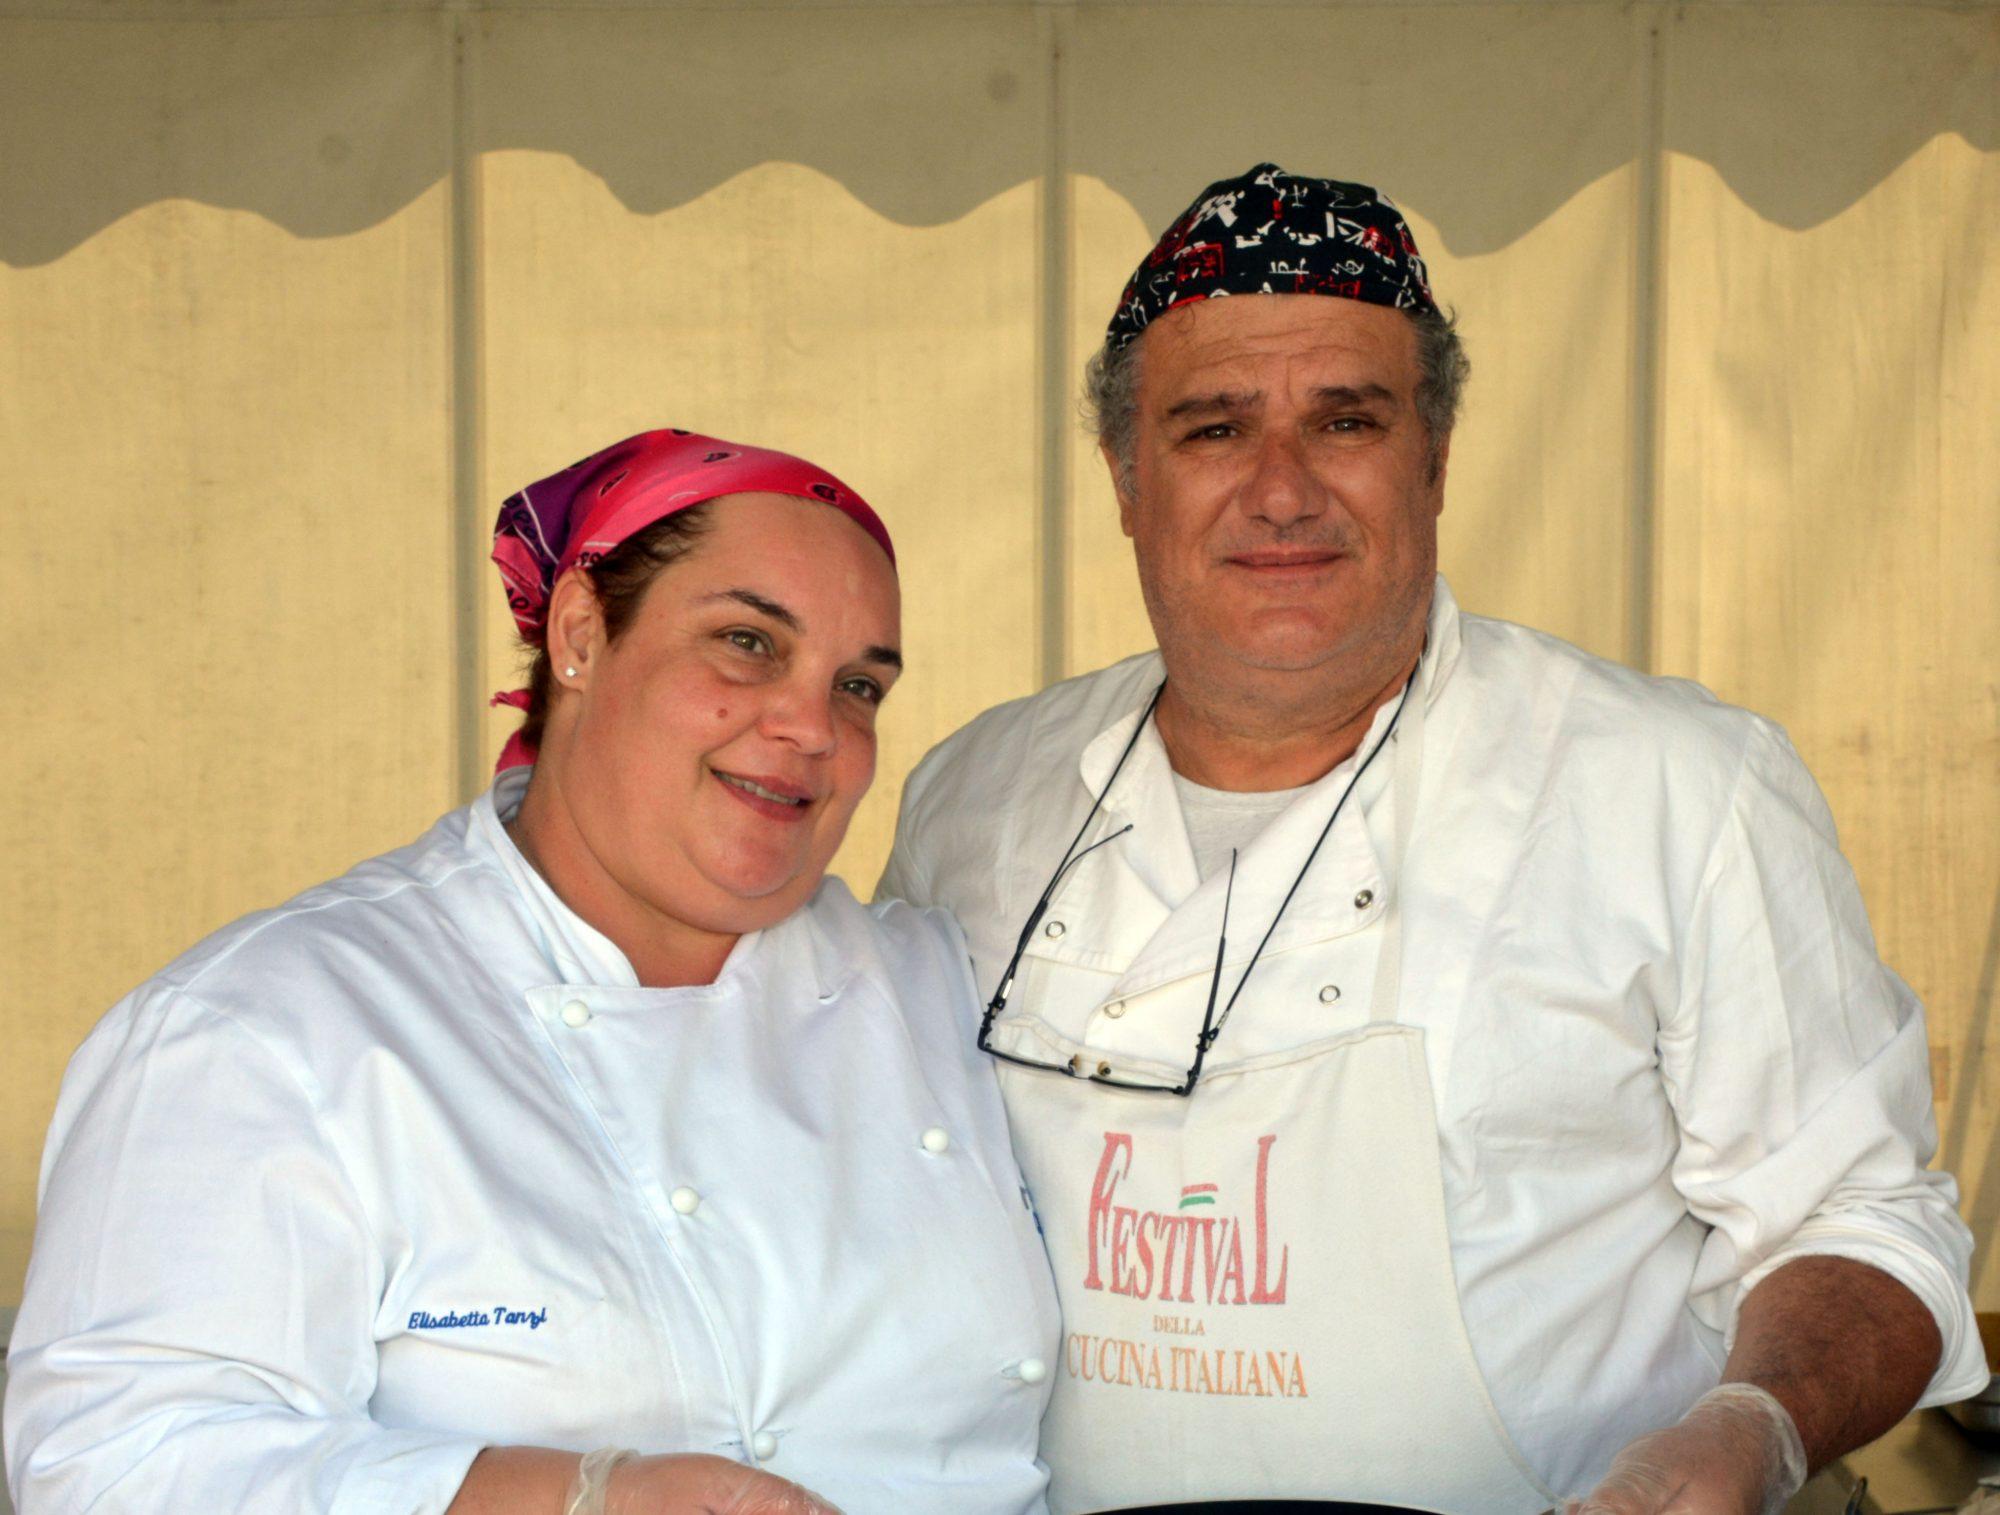 hElisabetta Tanzi & Roberto Benini